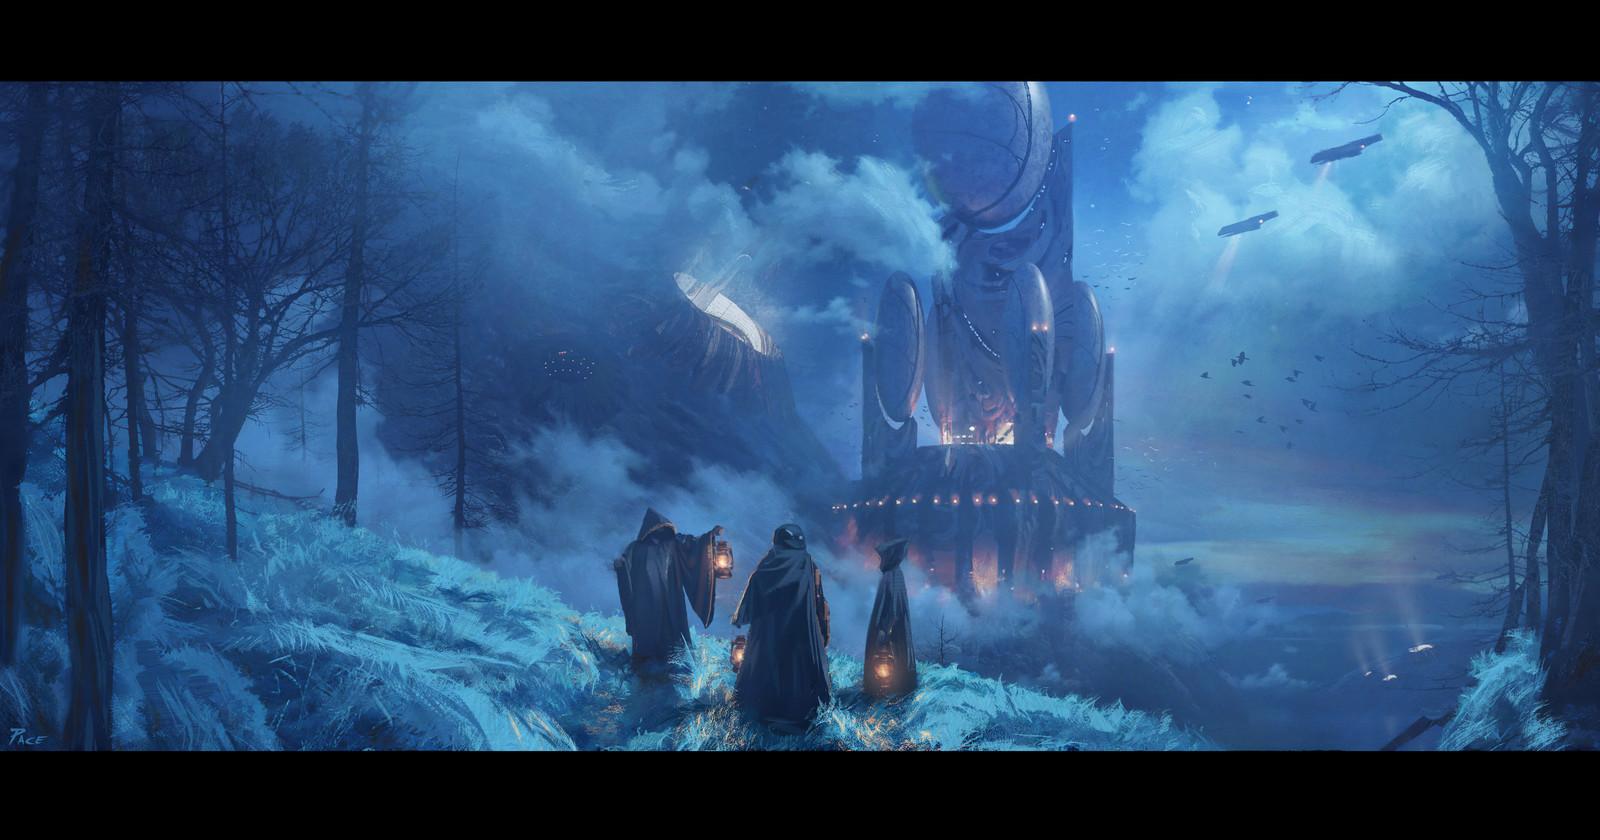 Dragon's Egg Tower